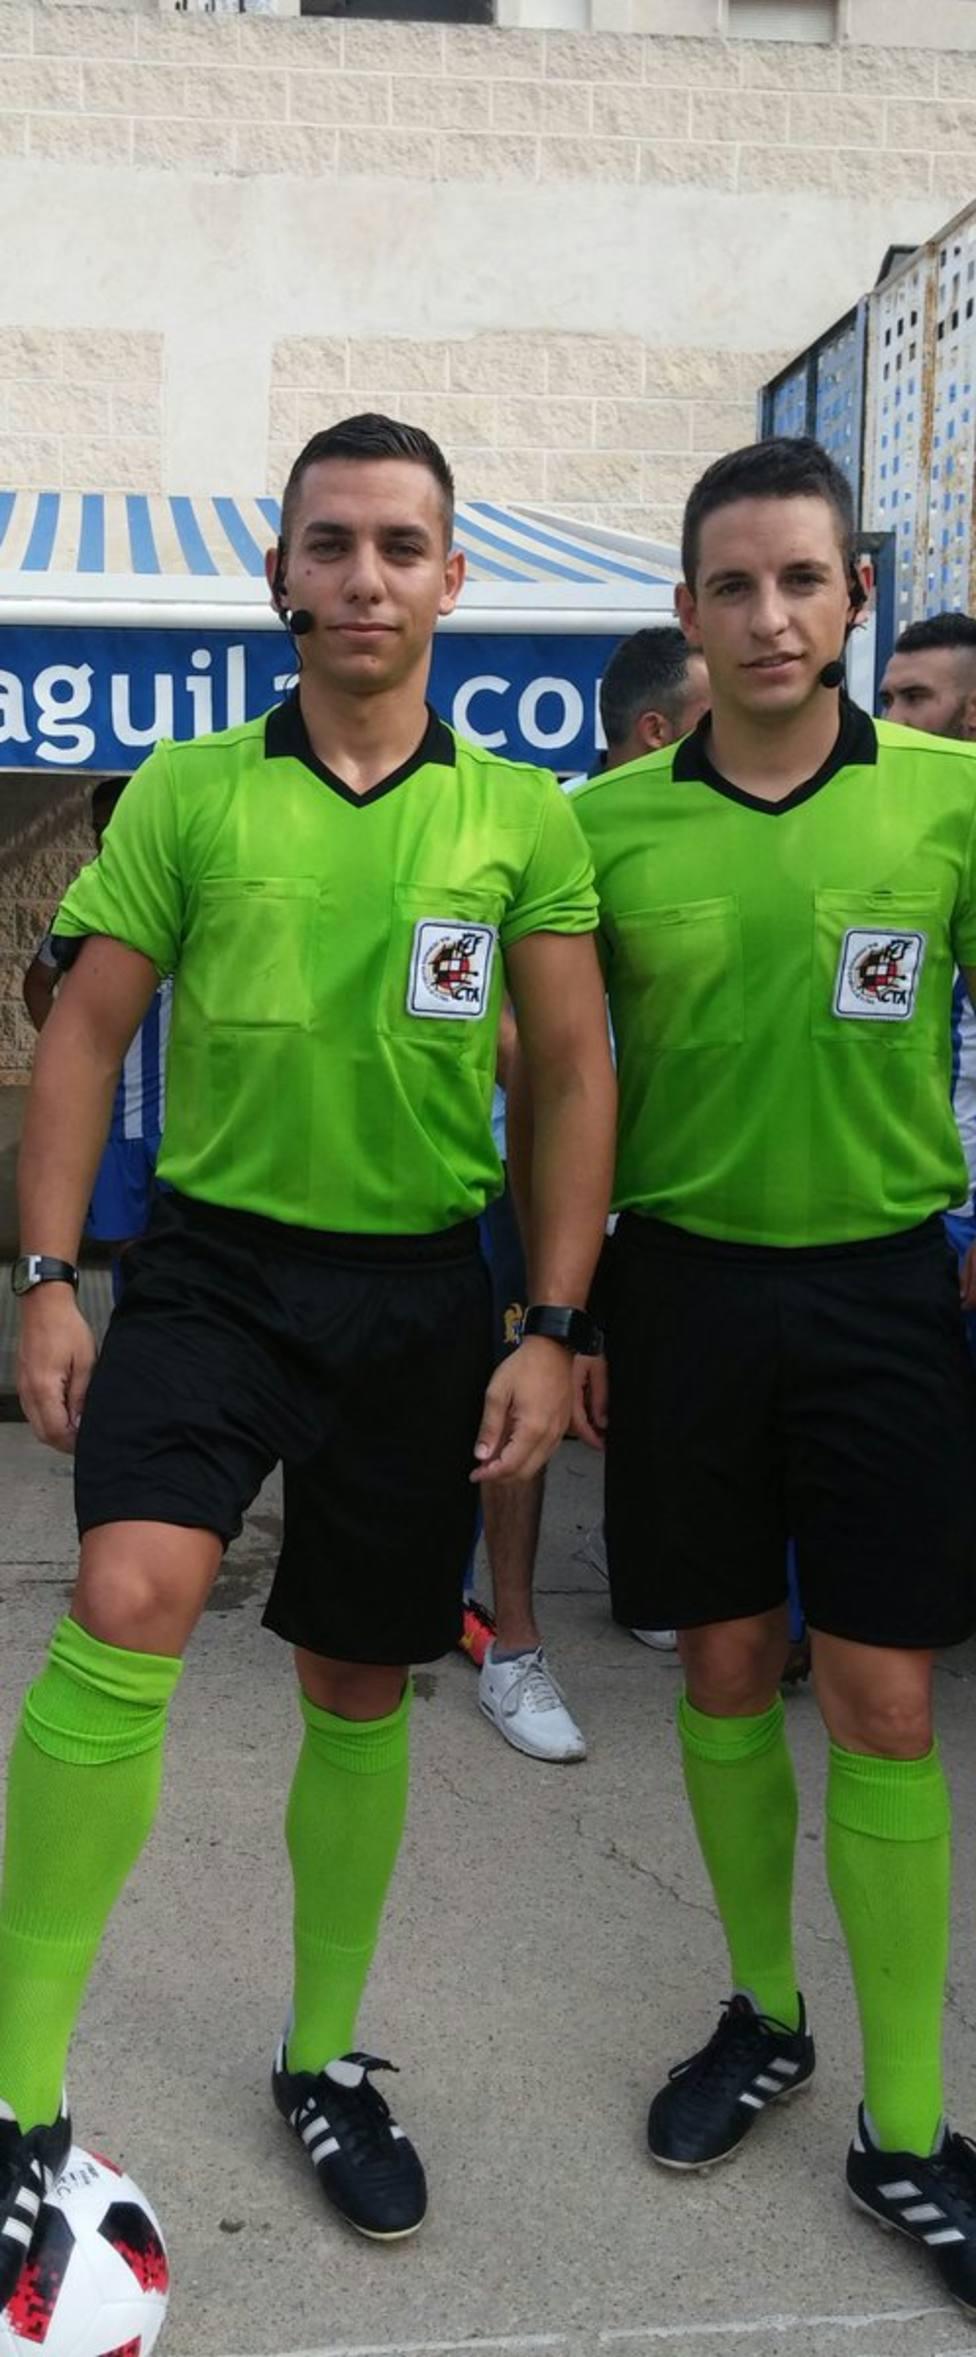 Martínez Montalbán y Navarro Quiñonero logran el asenso de categoría.